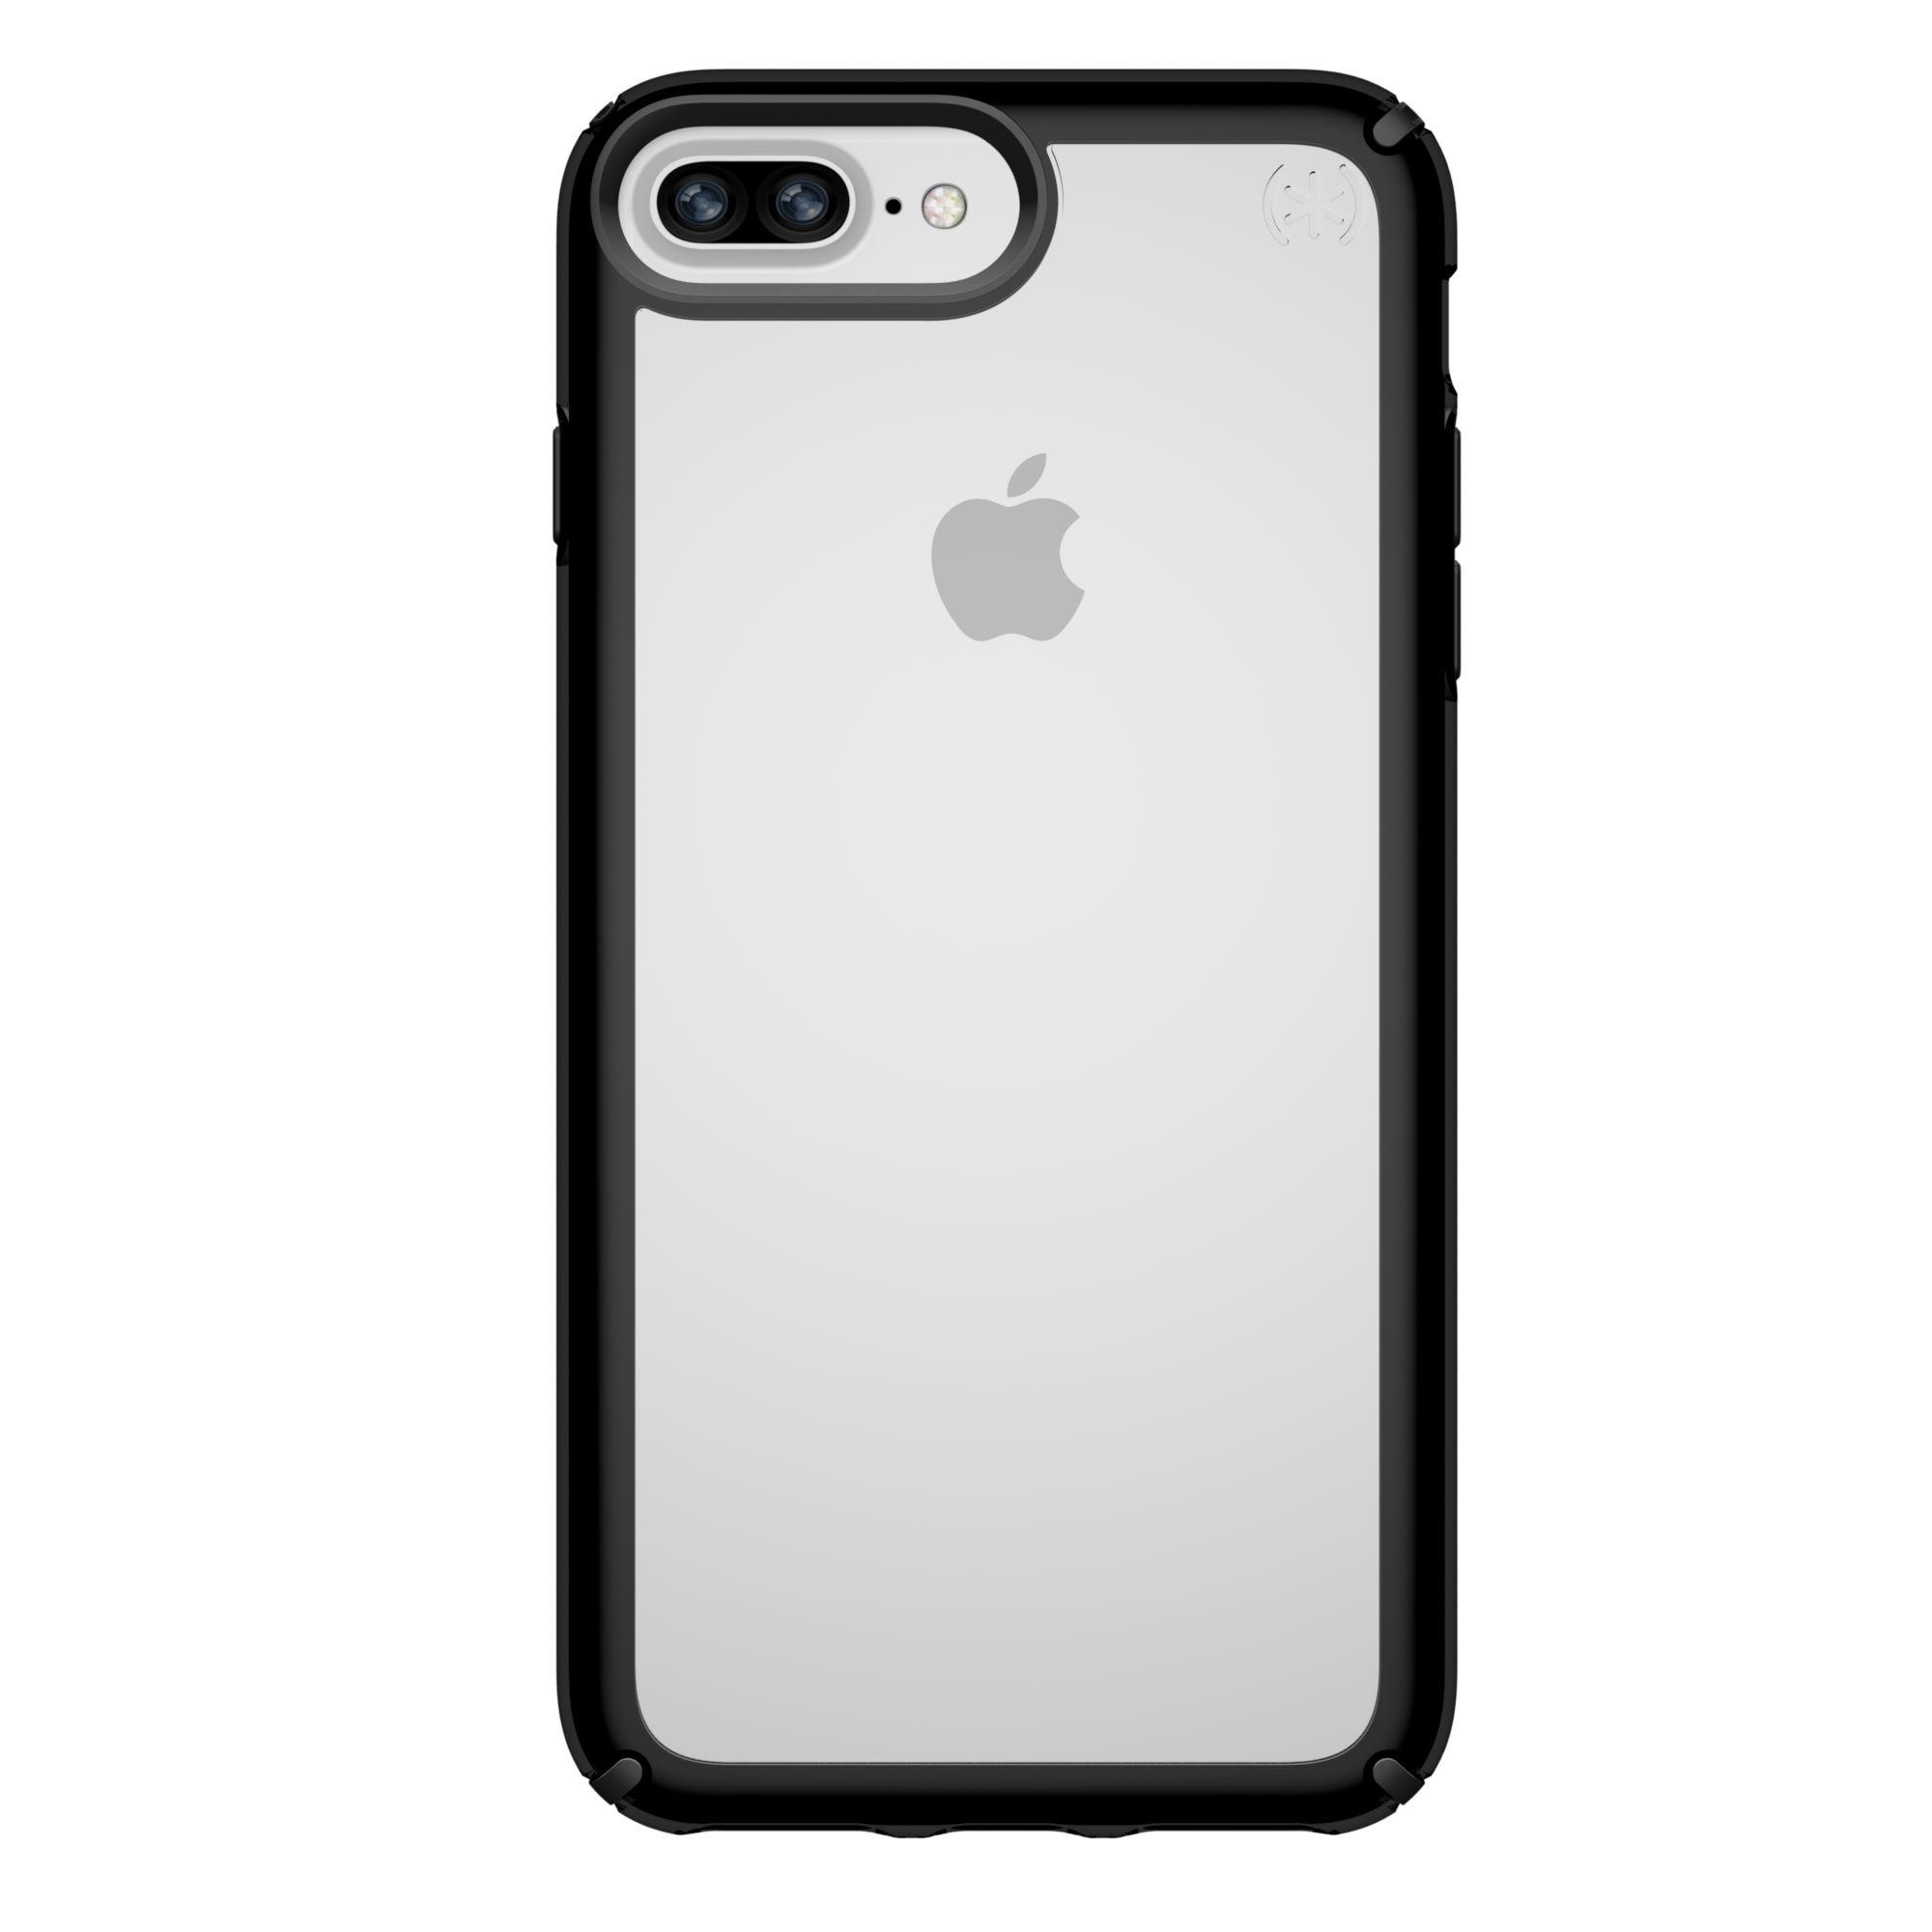 Калъф Speck Presidio Show - за iPhone 8 Plus, 6, 6S, 7 Plus, прозрачен/черен - 1